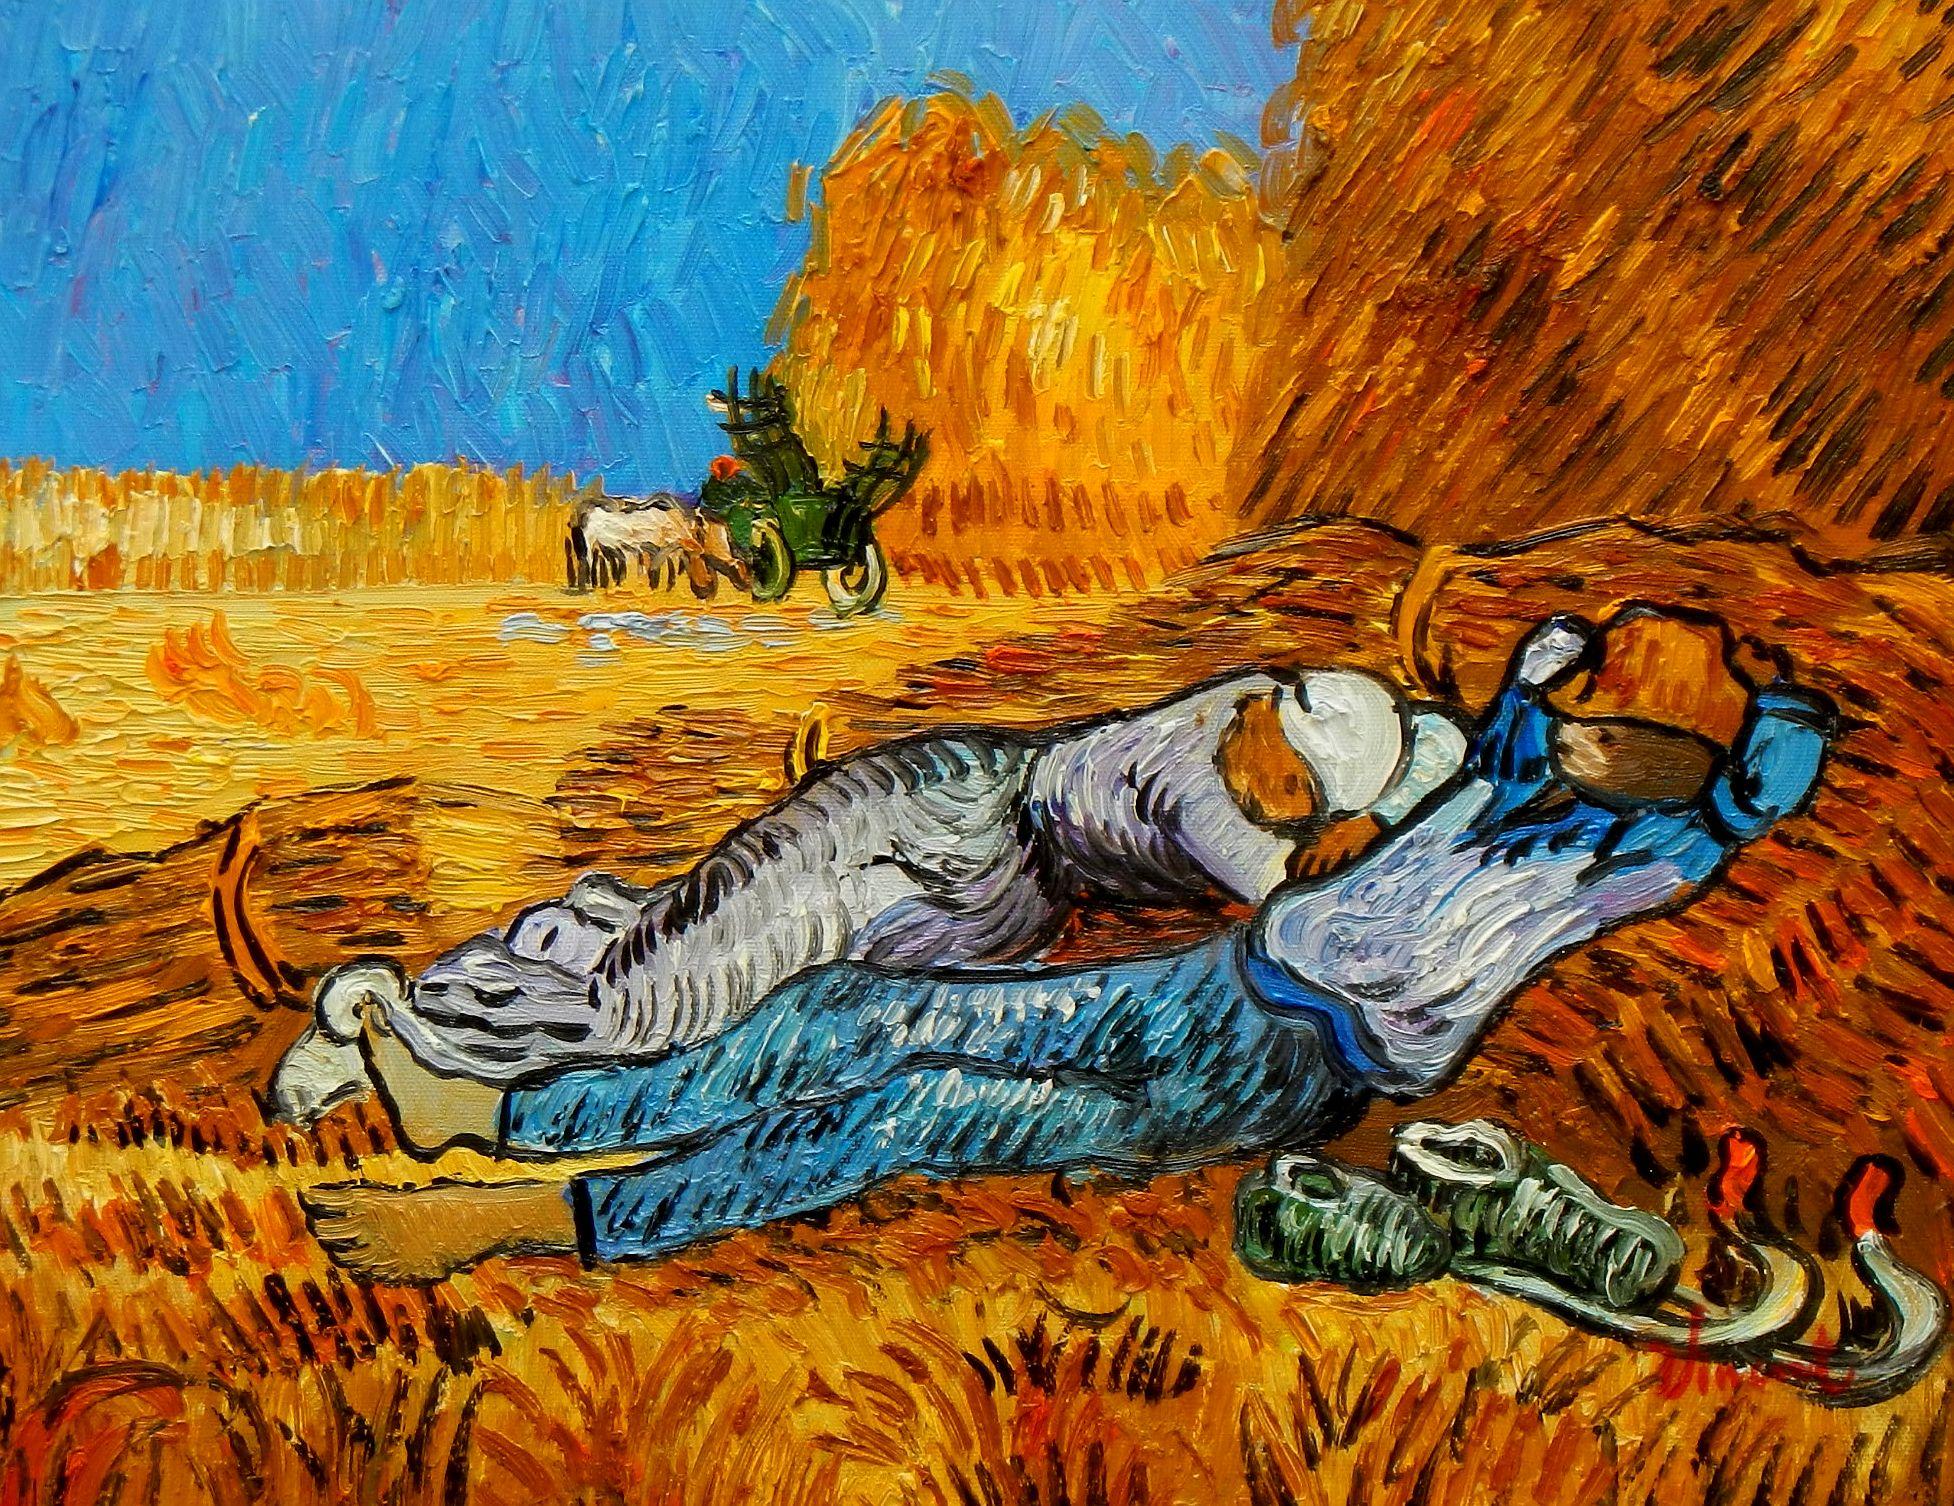 Vincent van Gogh - Ernterast a94144 30x40cm handgemaltes Ölgemälde